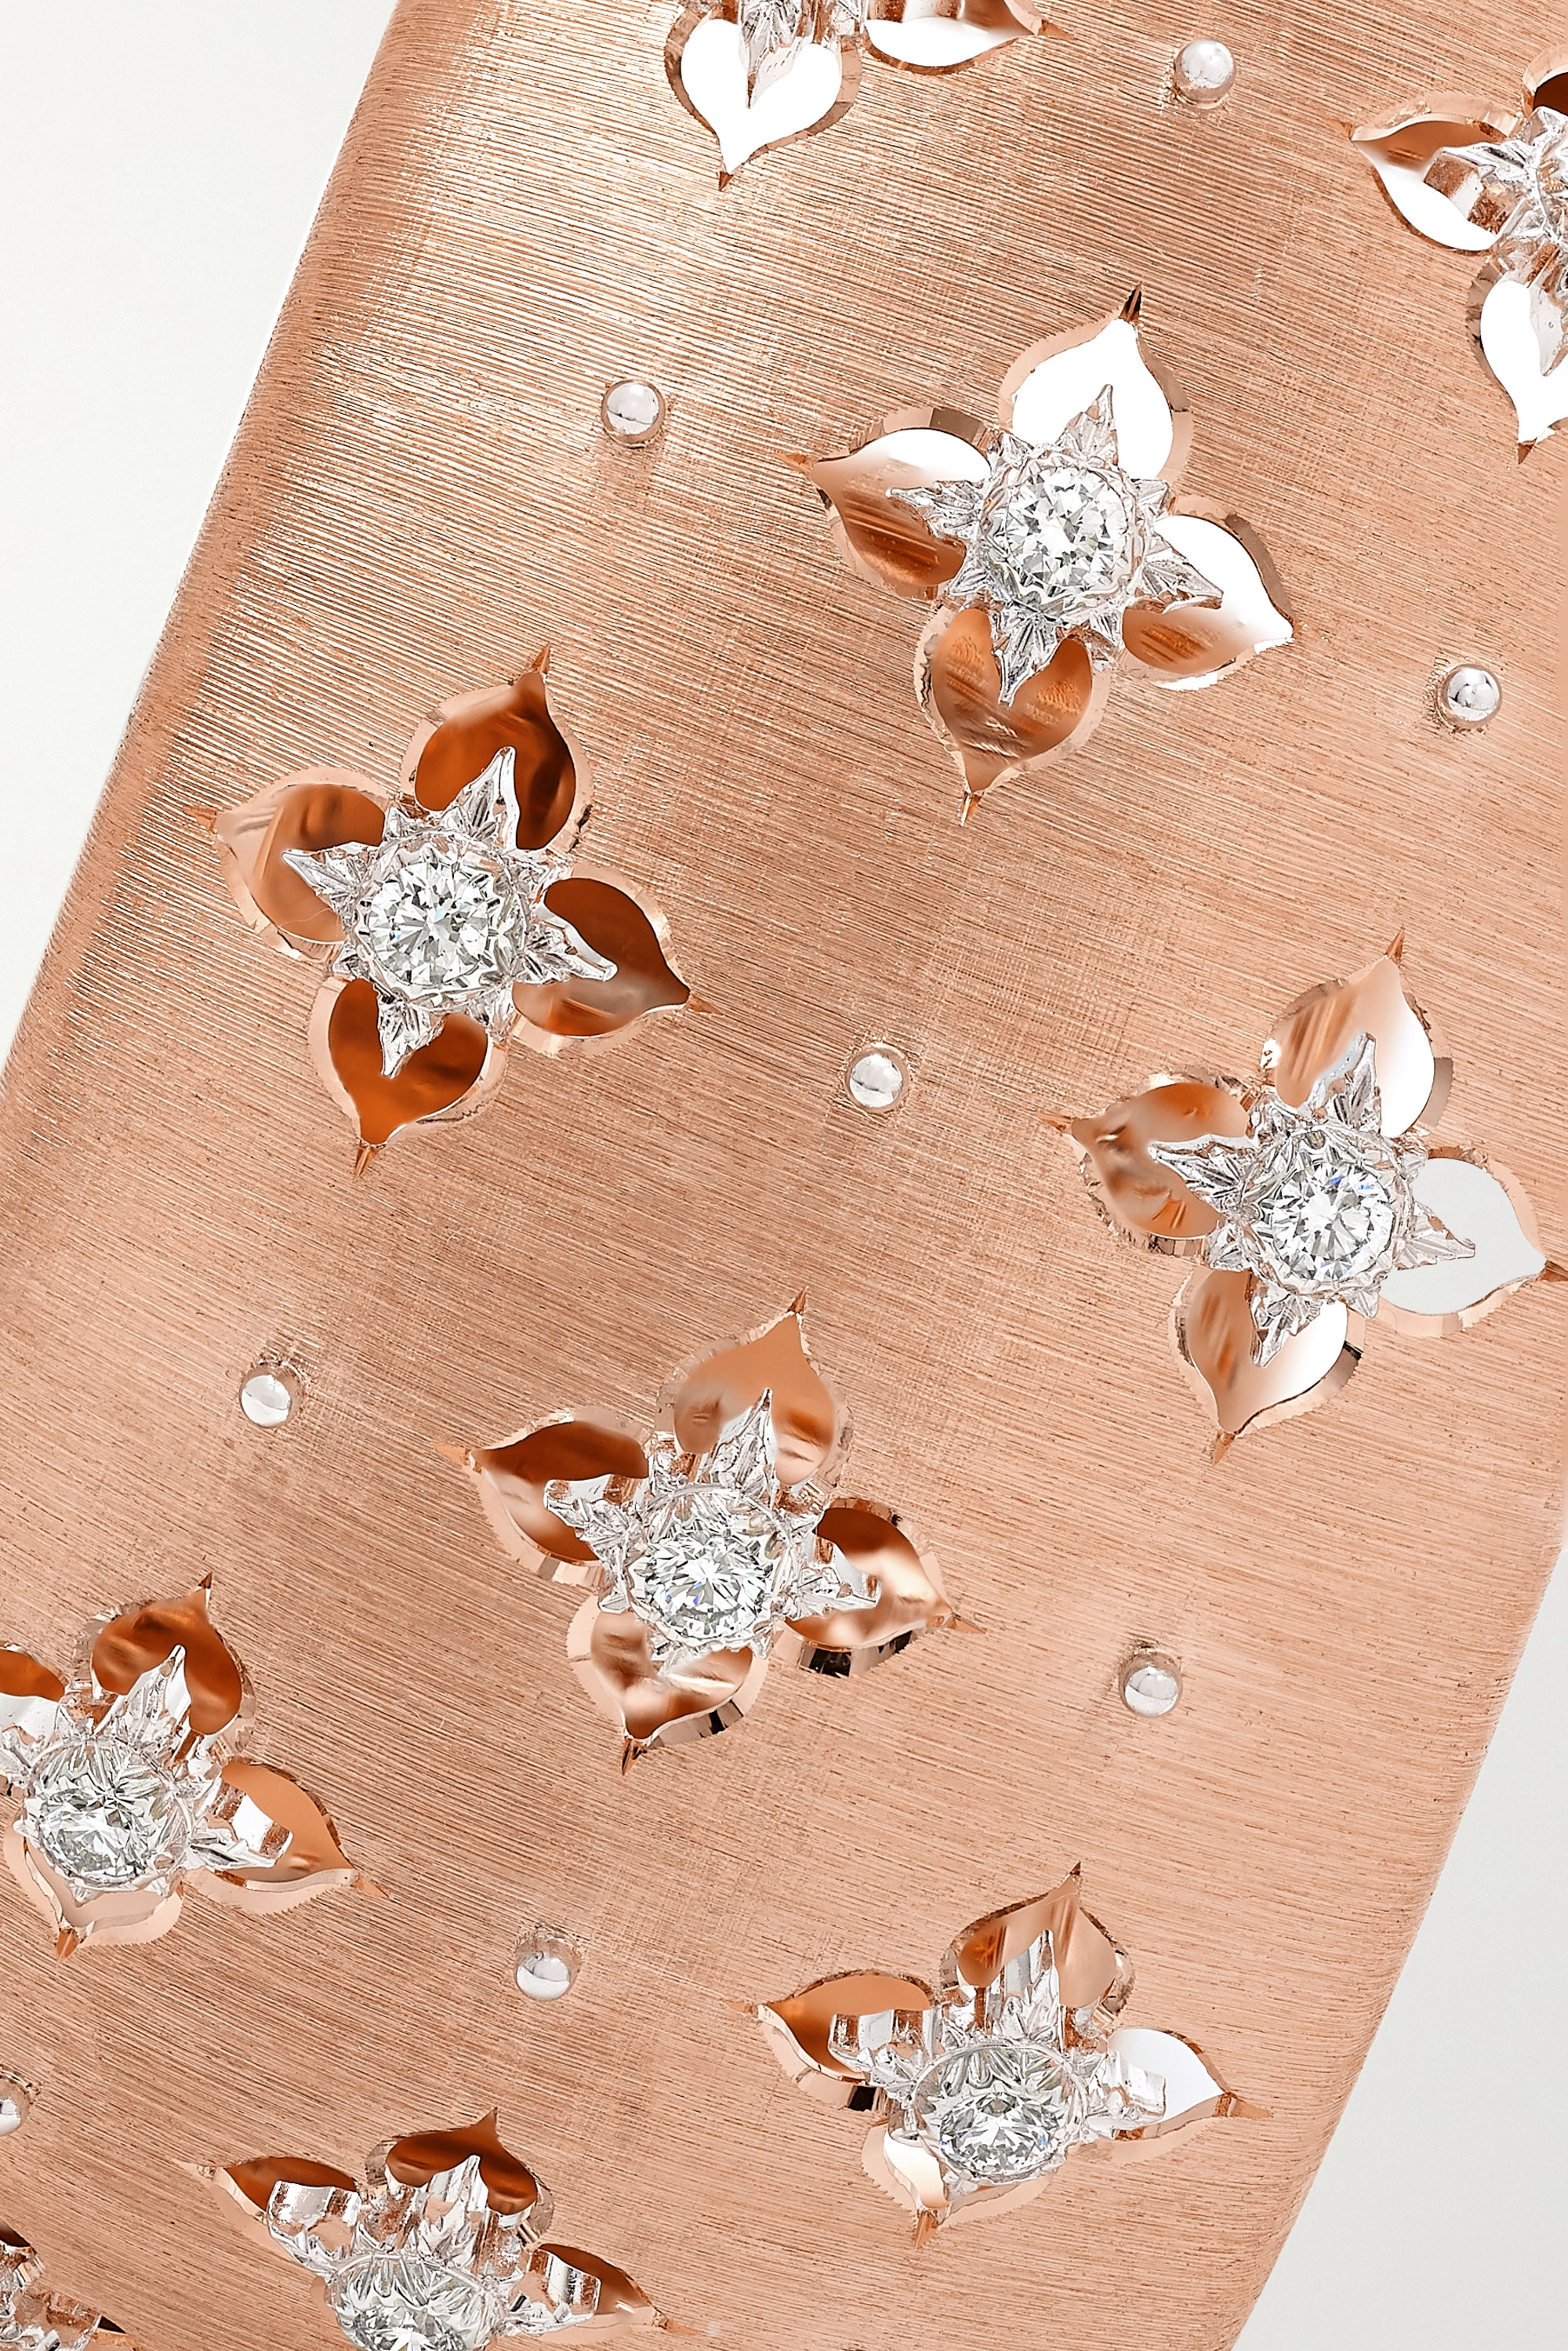 Rose Gold Macri Giglio 18-karat Pink And White Diamond Cuff   Buccellati